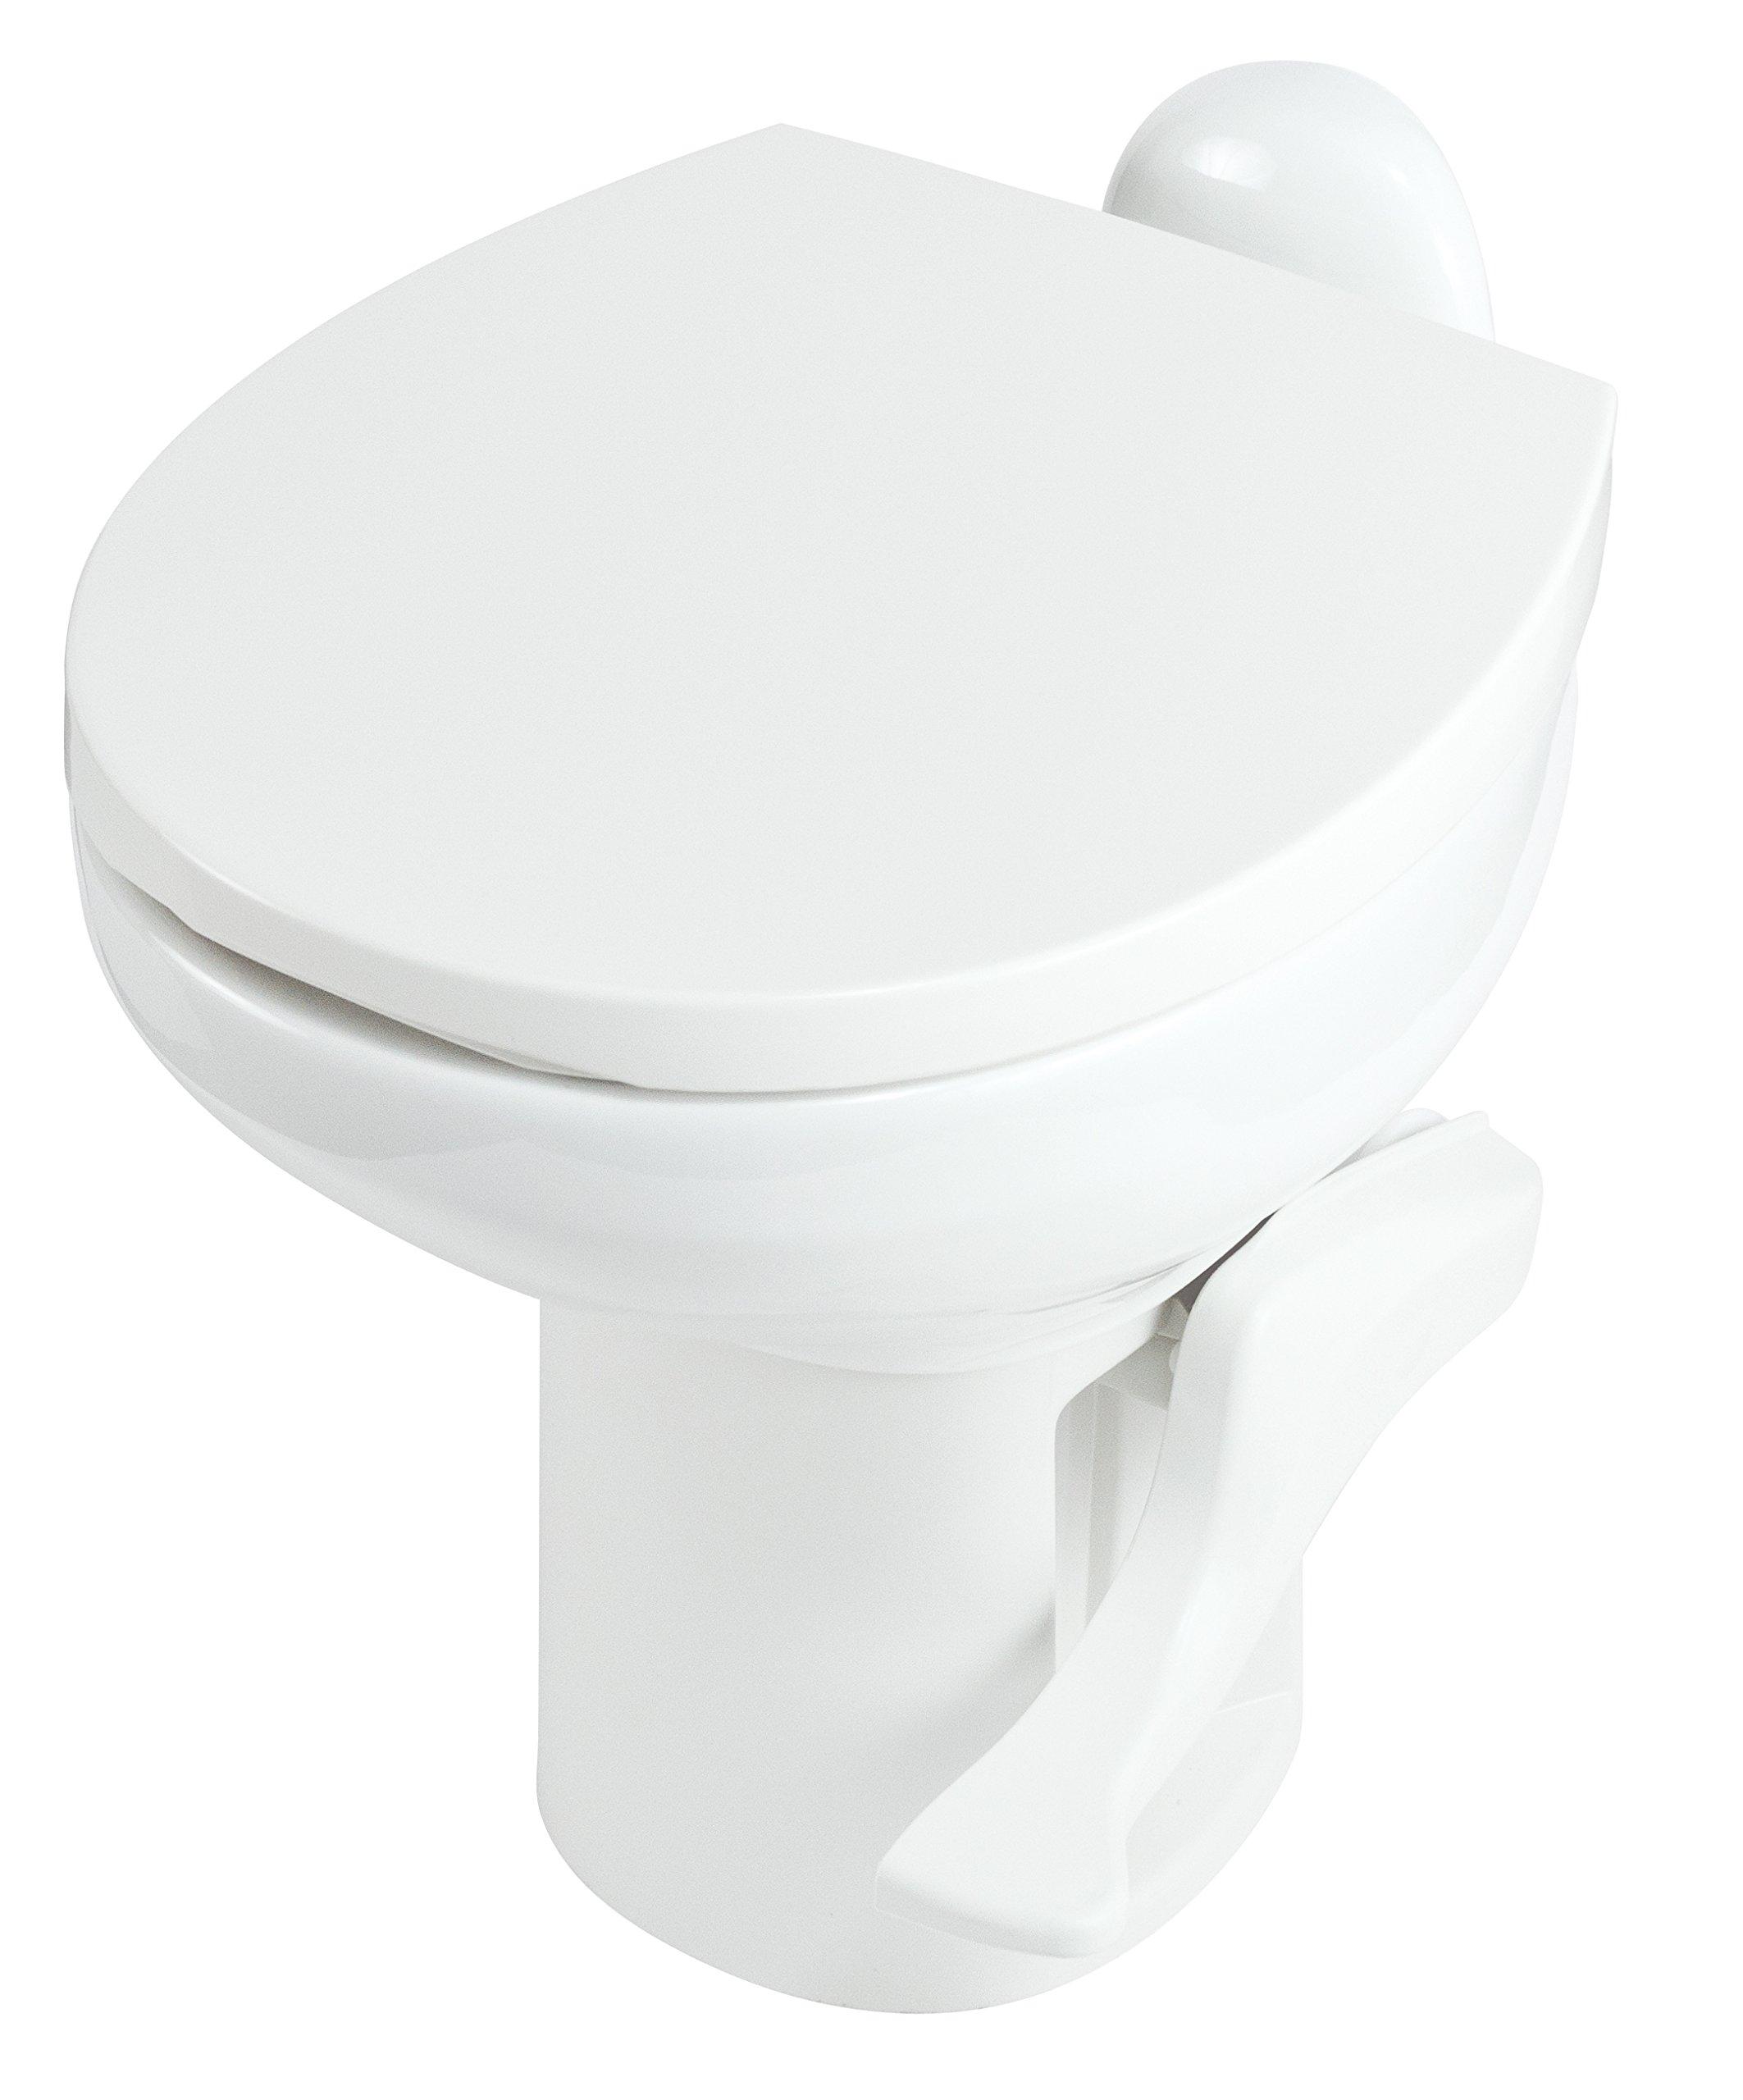 Thetford Aqua Magic Style II RV Toilet  / Low Profile / White - 42058 by Thetford